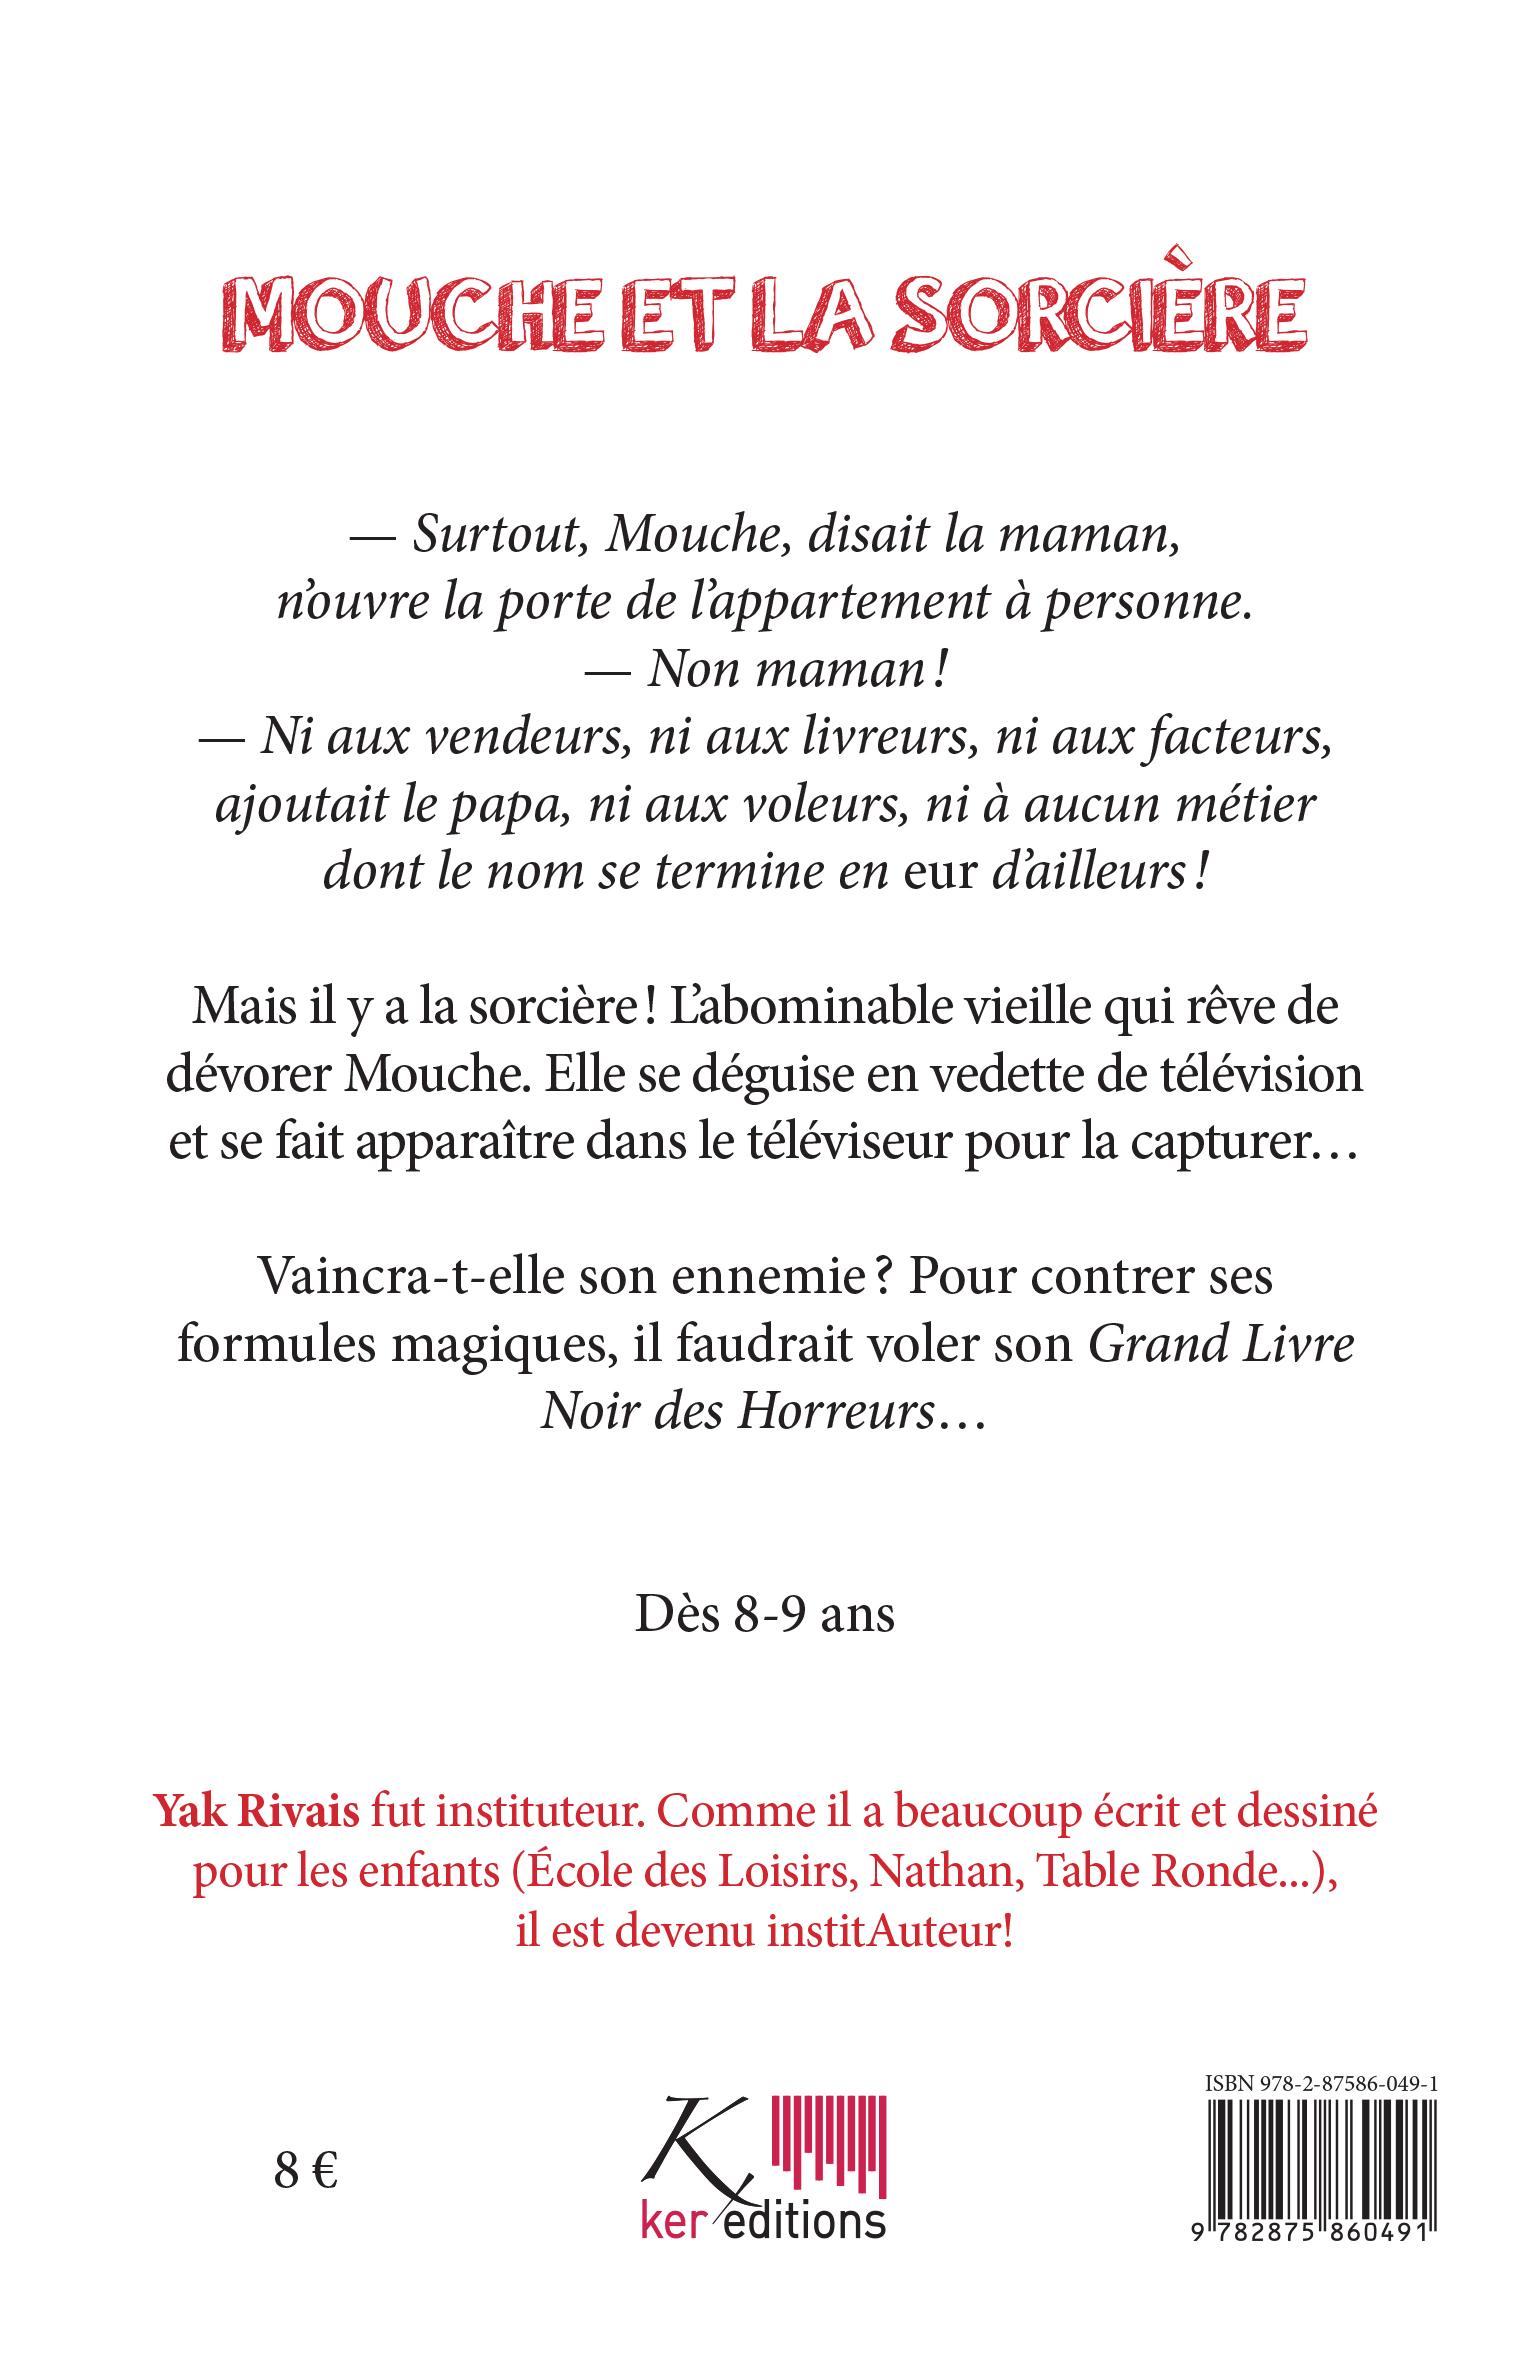 Super Mouche et la sorcière | Ker Éditions NO34